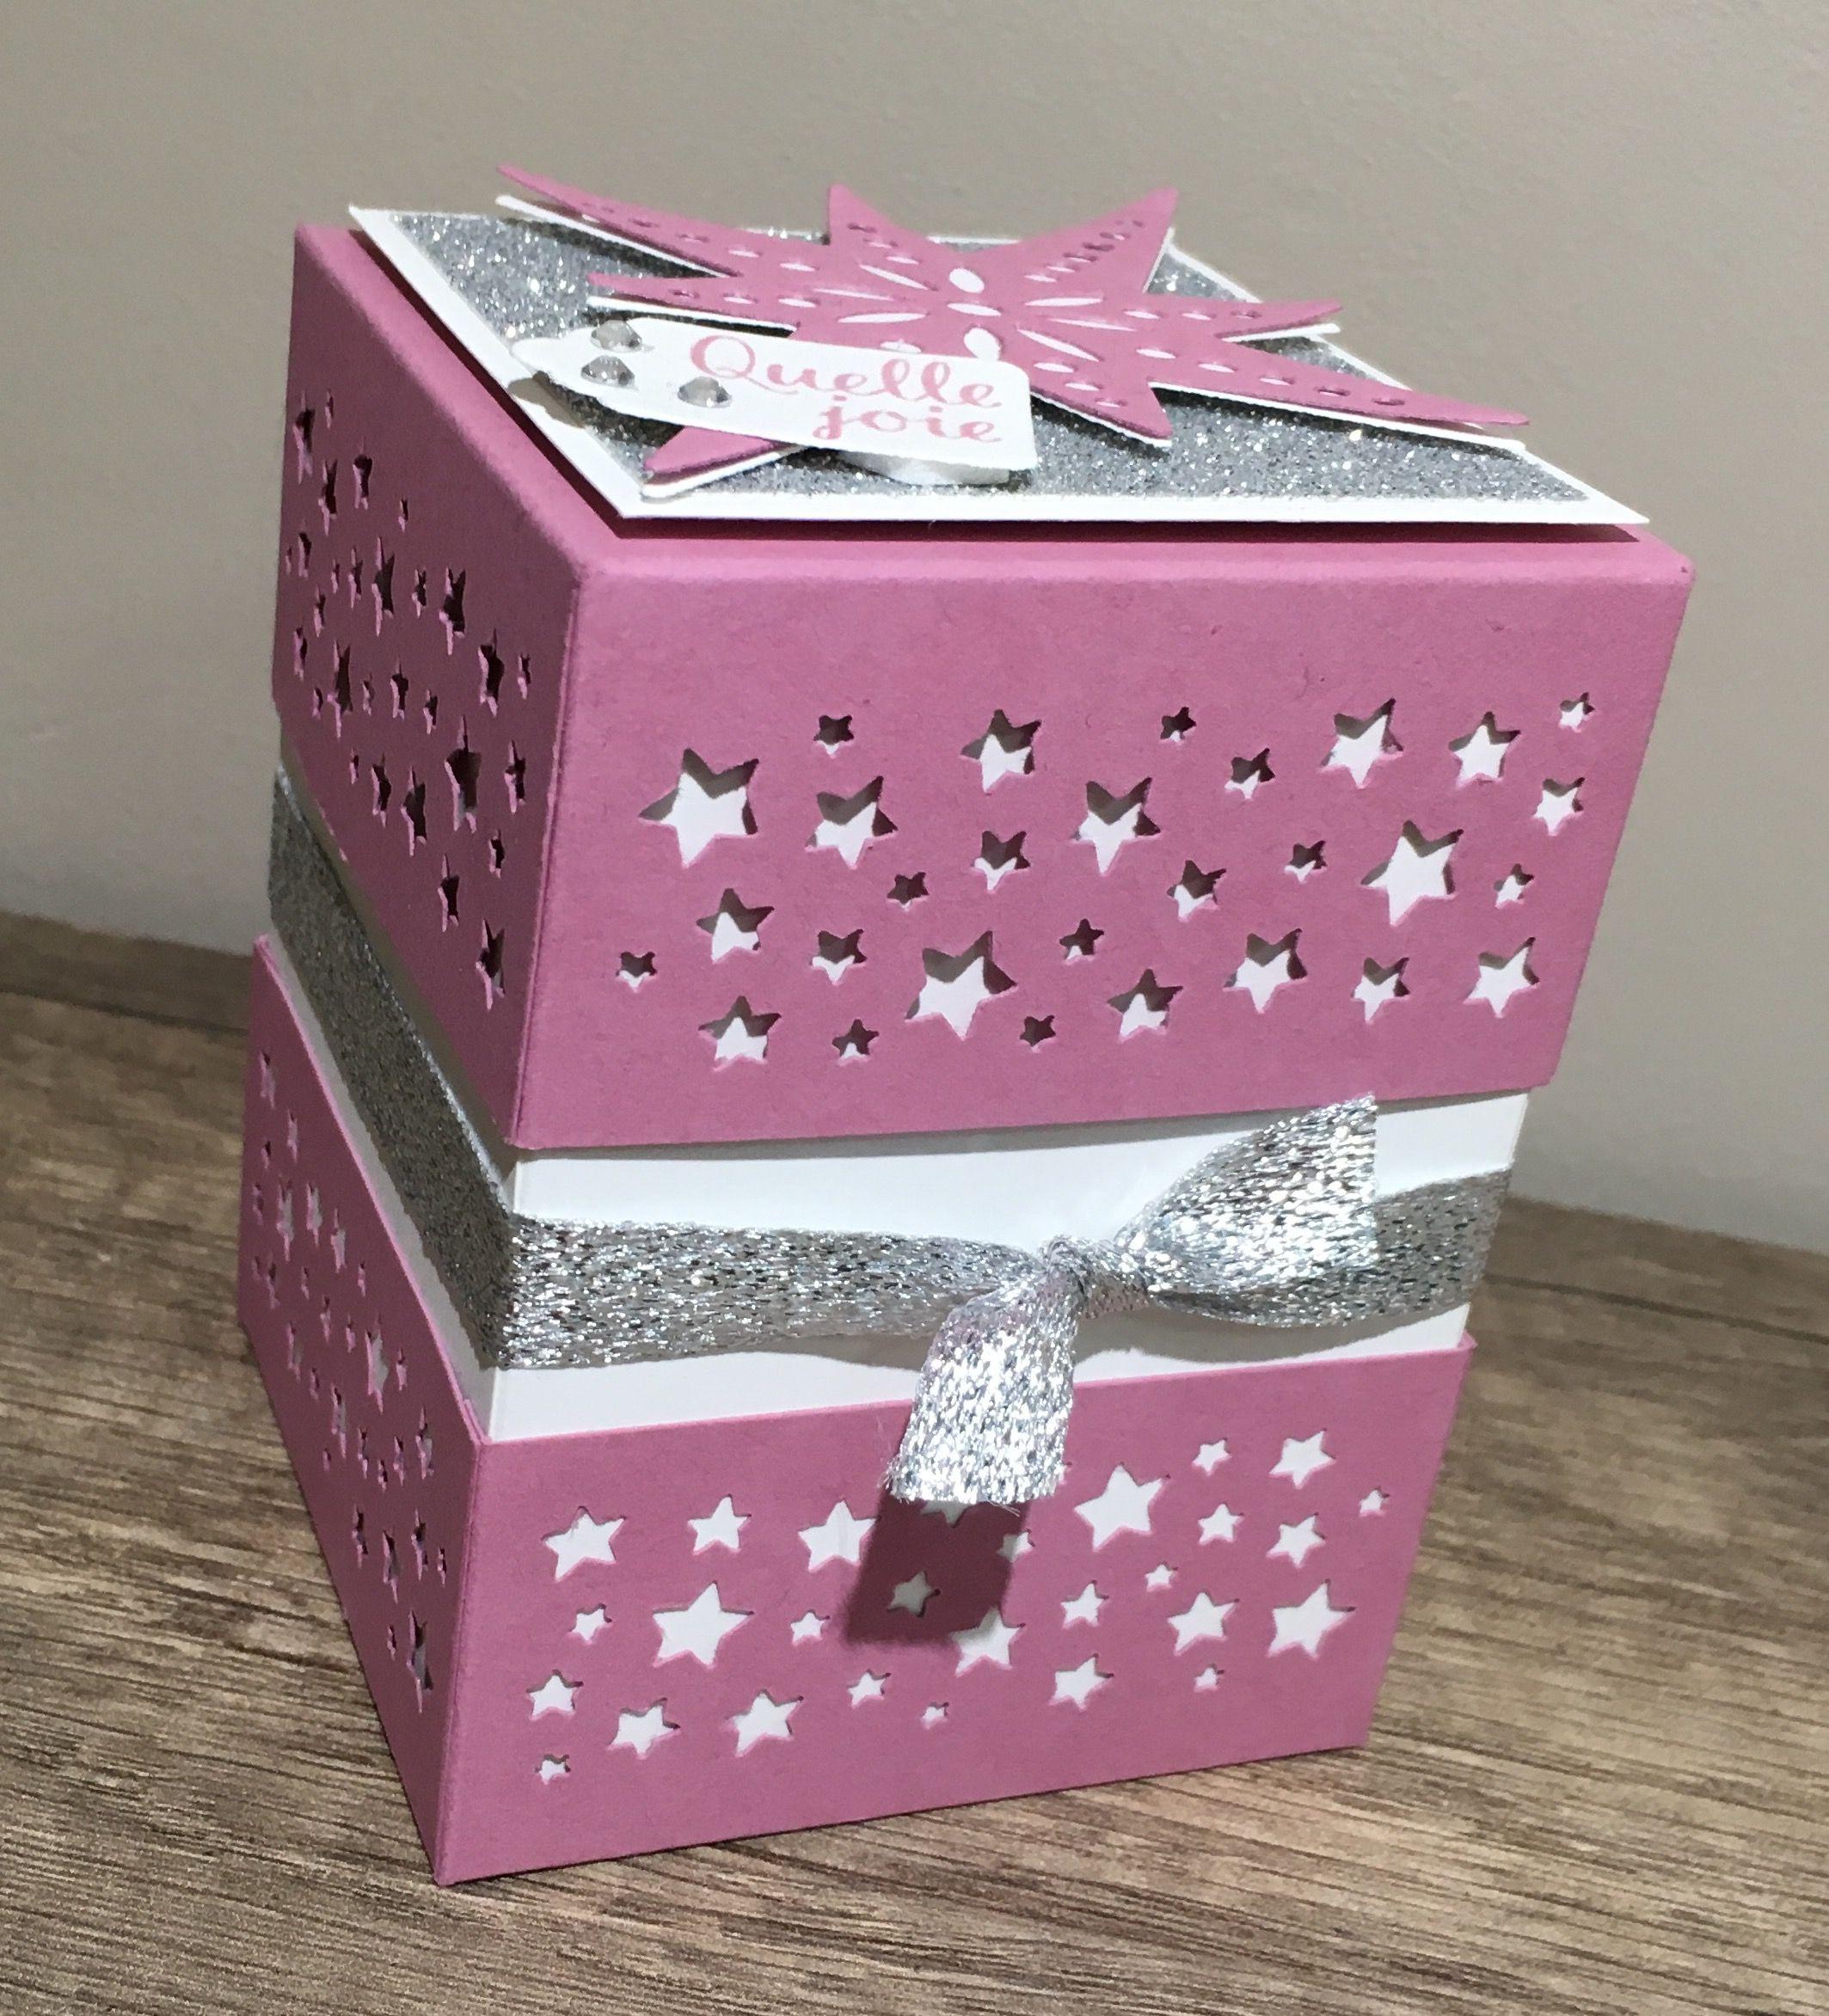 boite la piste aux toiles et son tutoriel bo tes sacs emballages pinterest boite. Black Bedroom Furniture Sets. Home Design Ideas